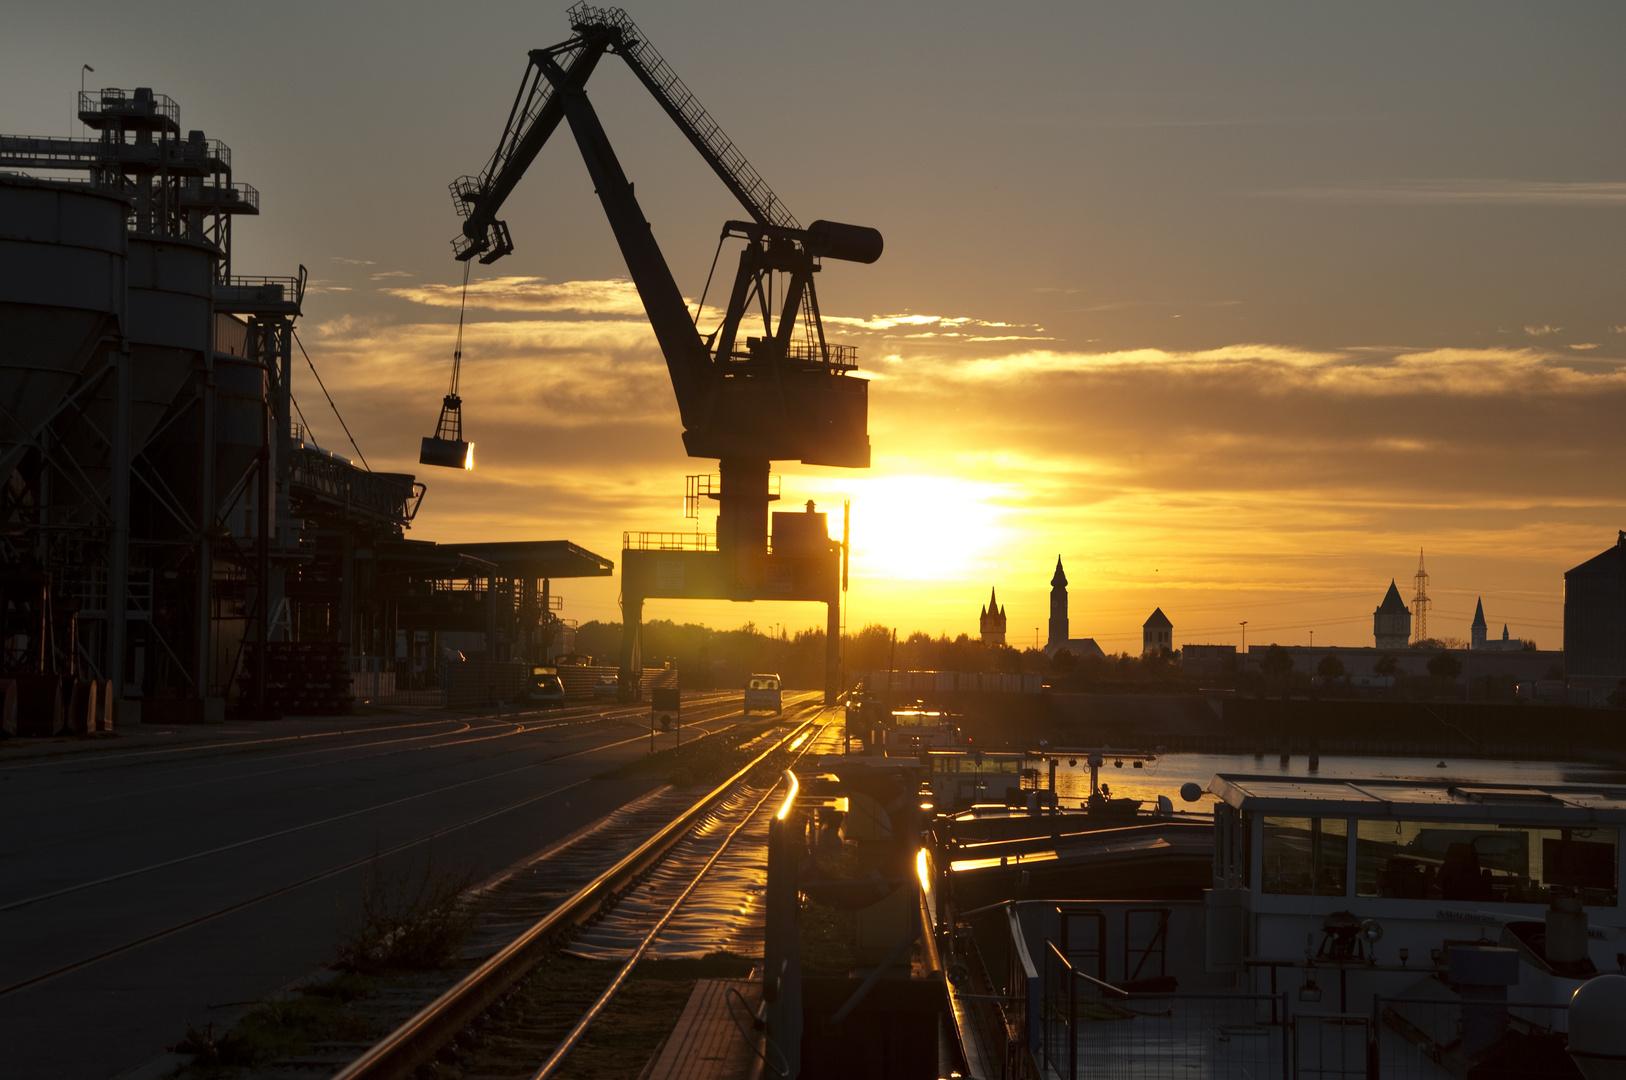 Strraubing - Hafen